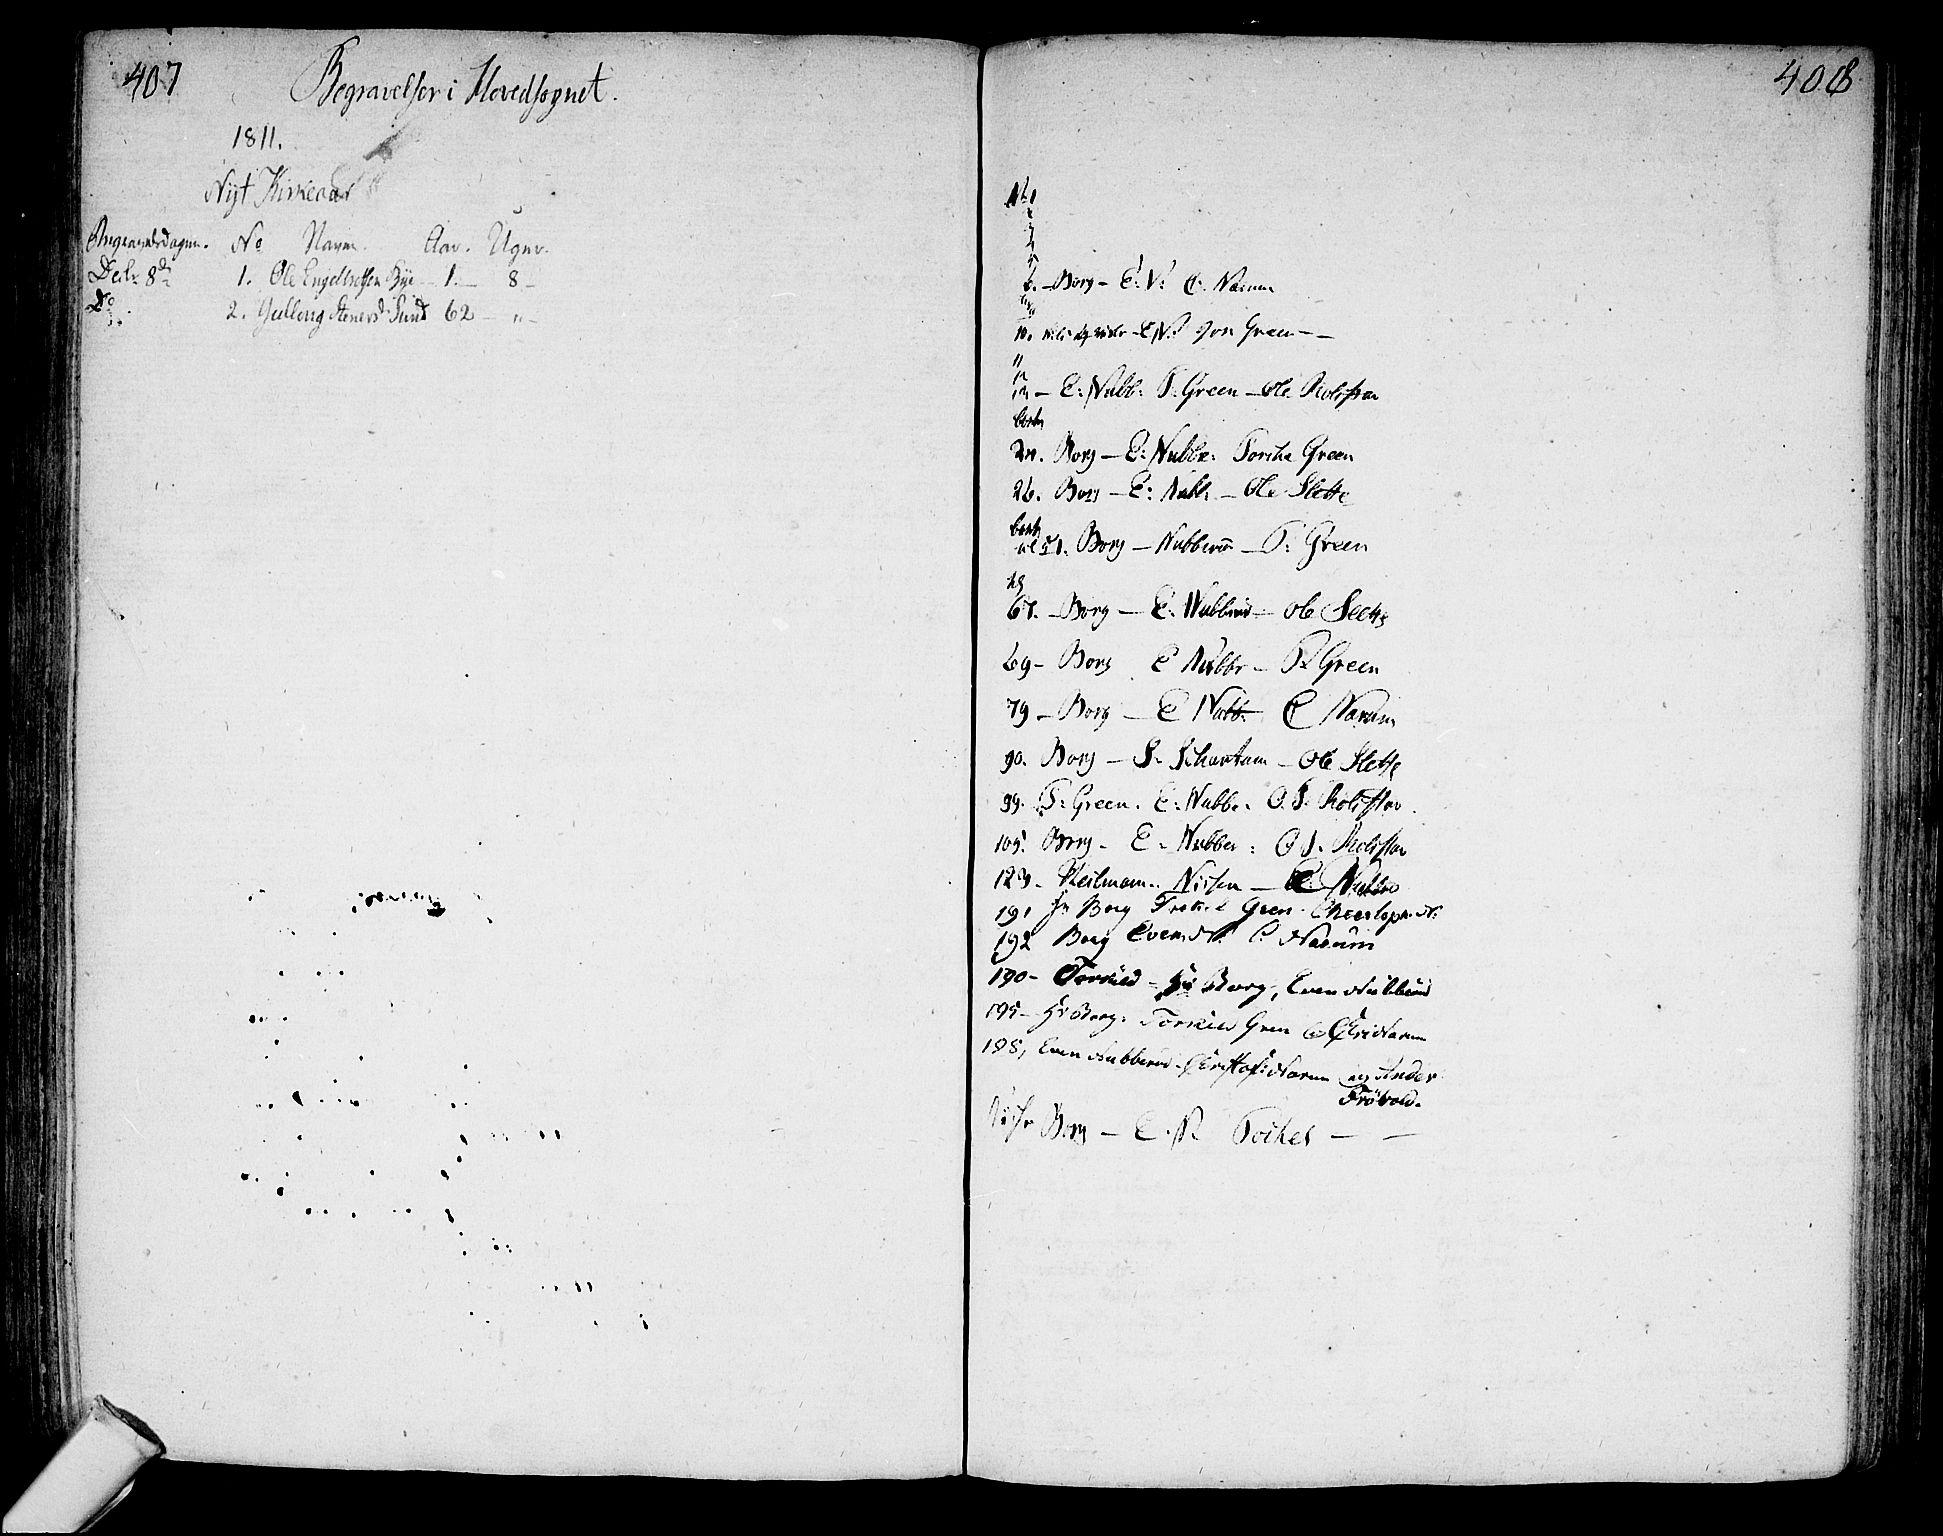 SAKO, Sigdal kirkebøker, F/Fa/L0003: Ministerialbok nr. I 3, 1793-1811, s. 407-408